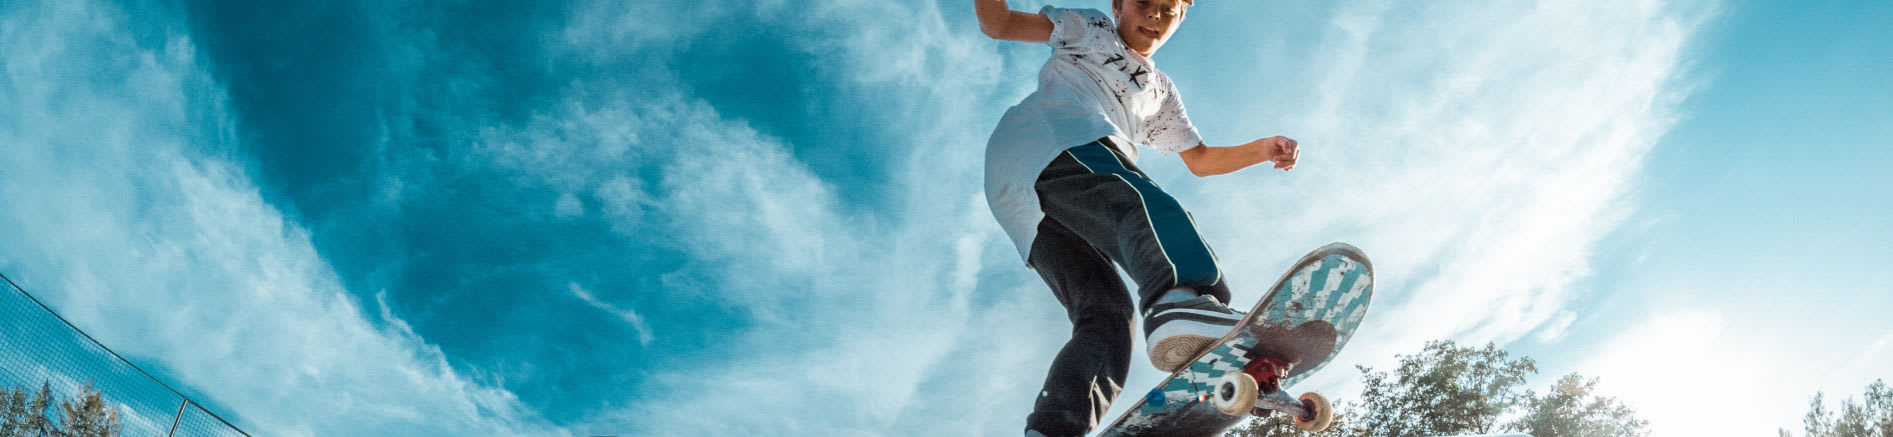 Skateboarder Image